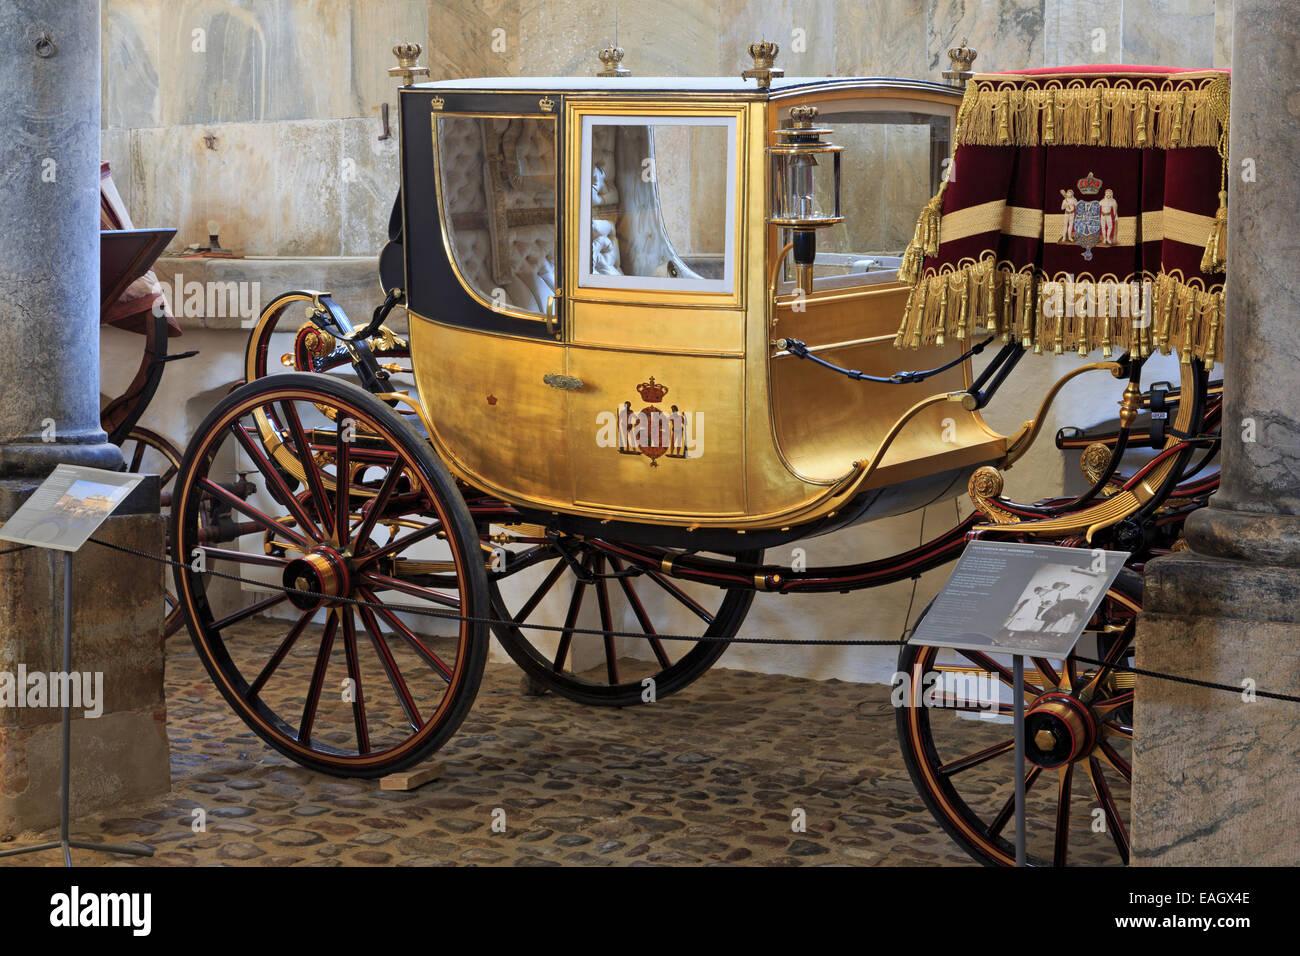 Royal Stables, Christianborg Palace, Copenhagen, Zealand, Denmark, Europe - Stock Image